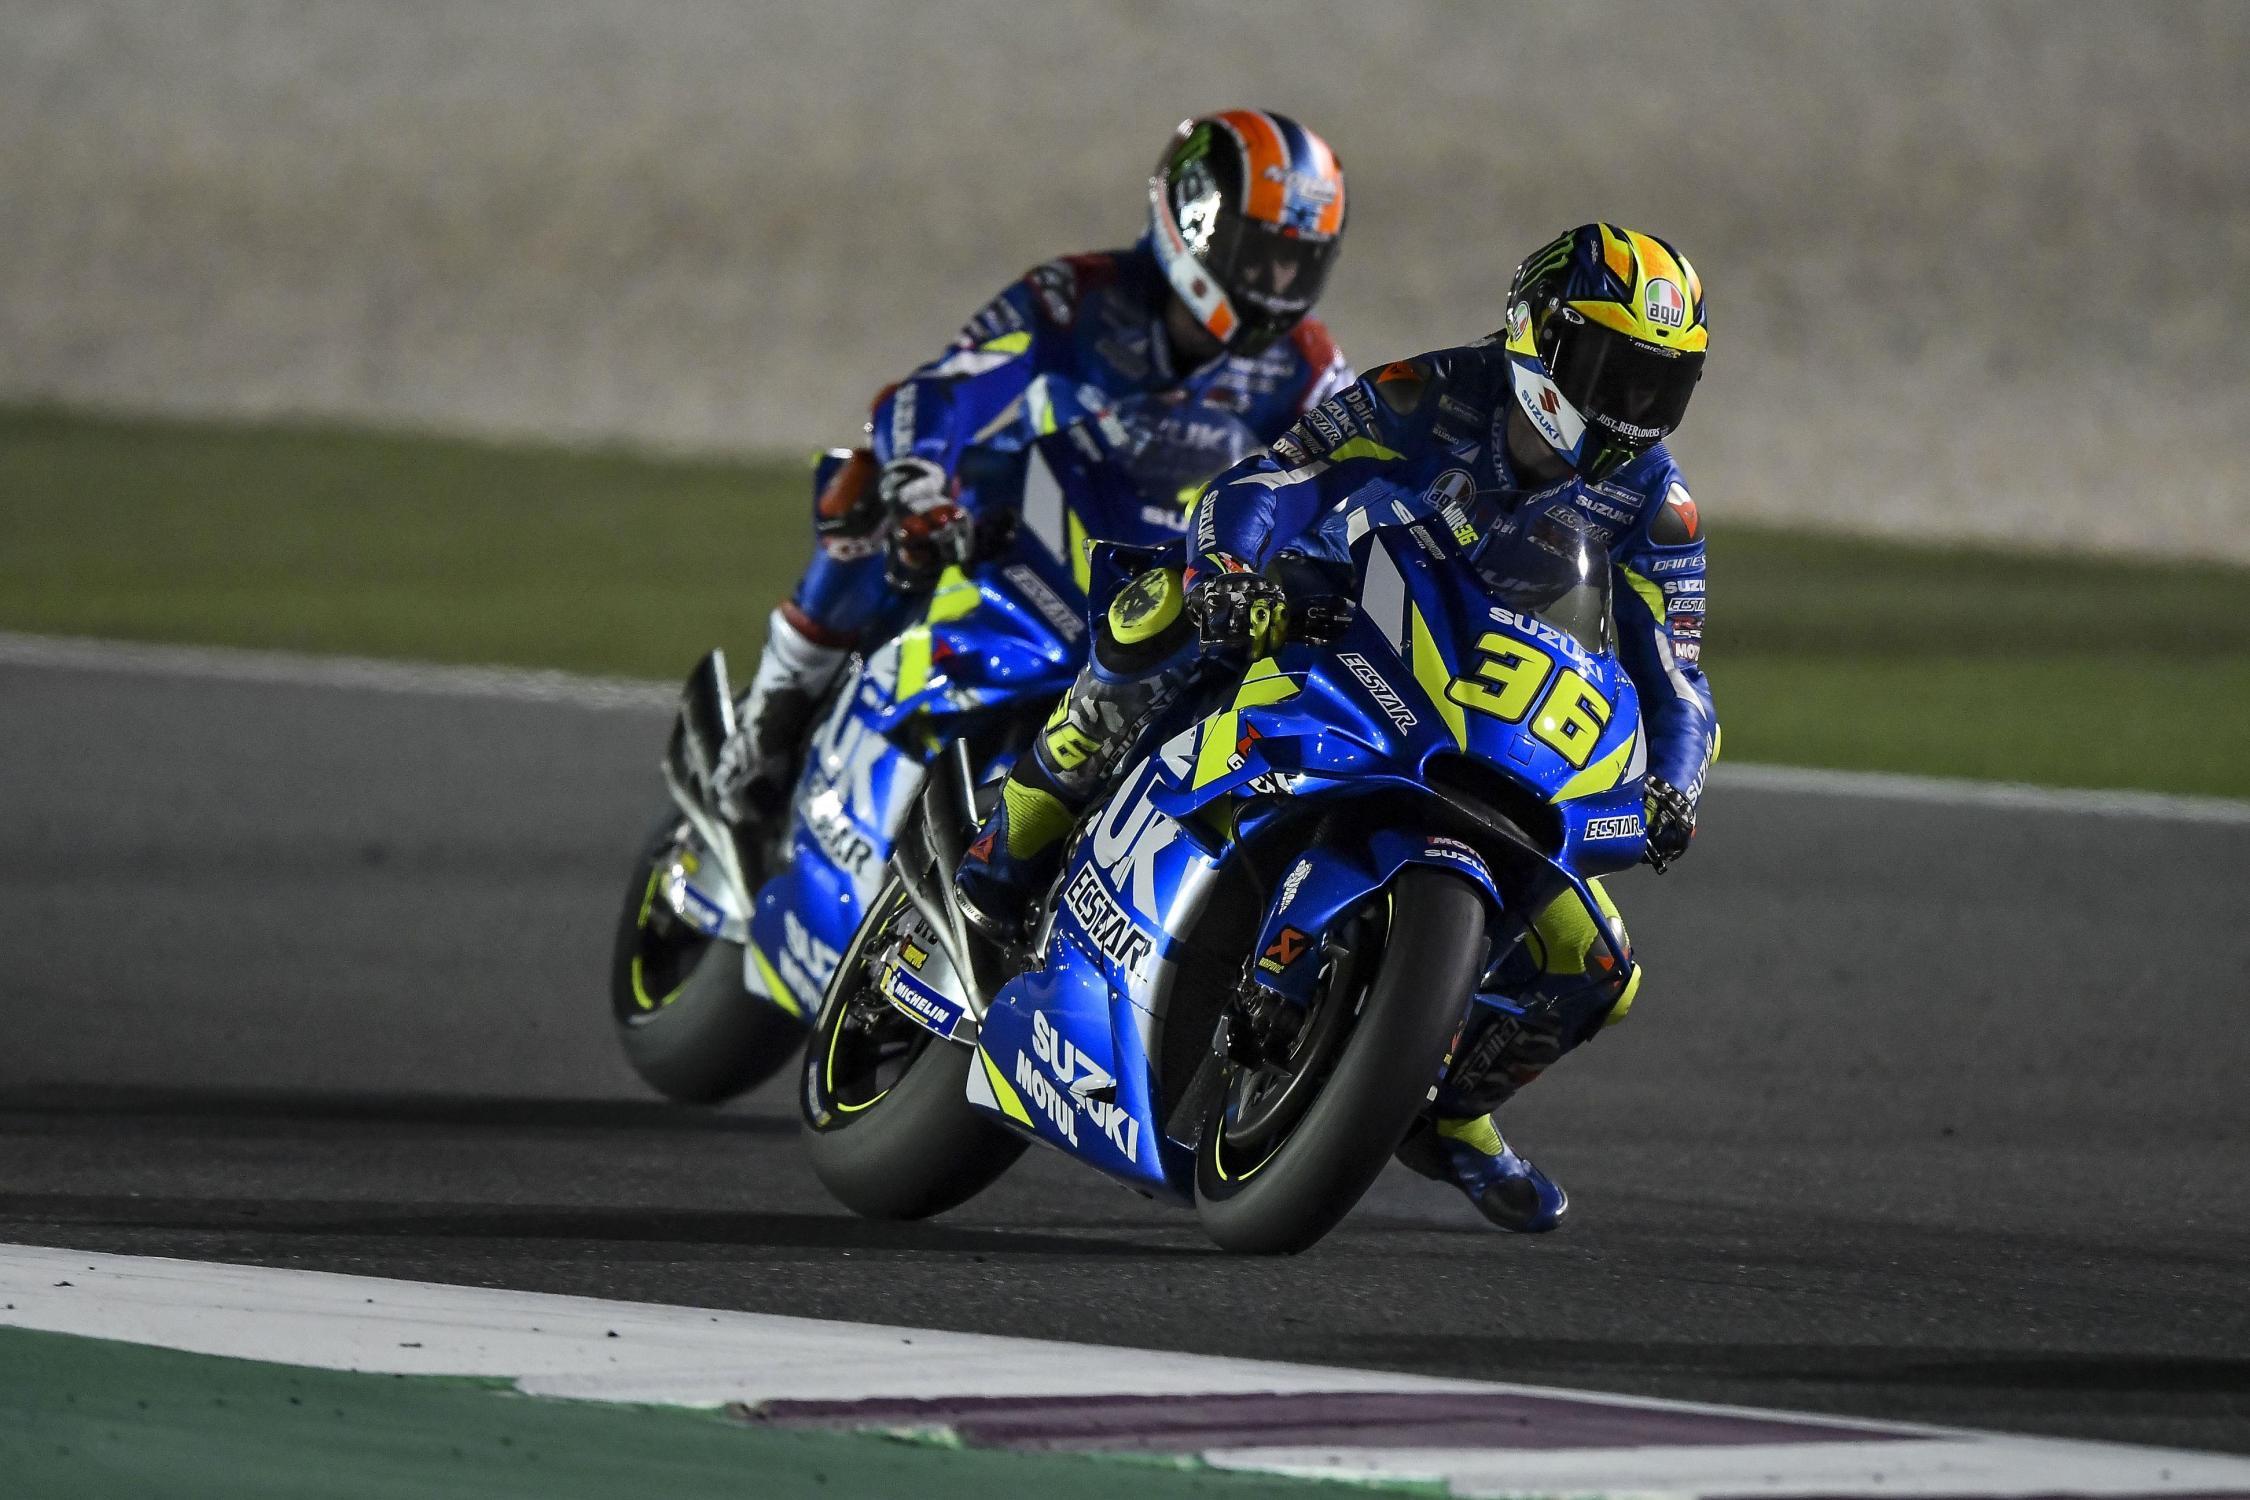 Rossi Percaya Perkembangan Suzuki Bisa Lebih Baik